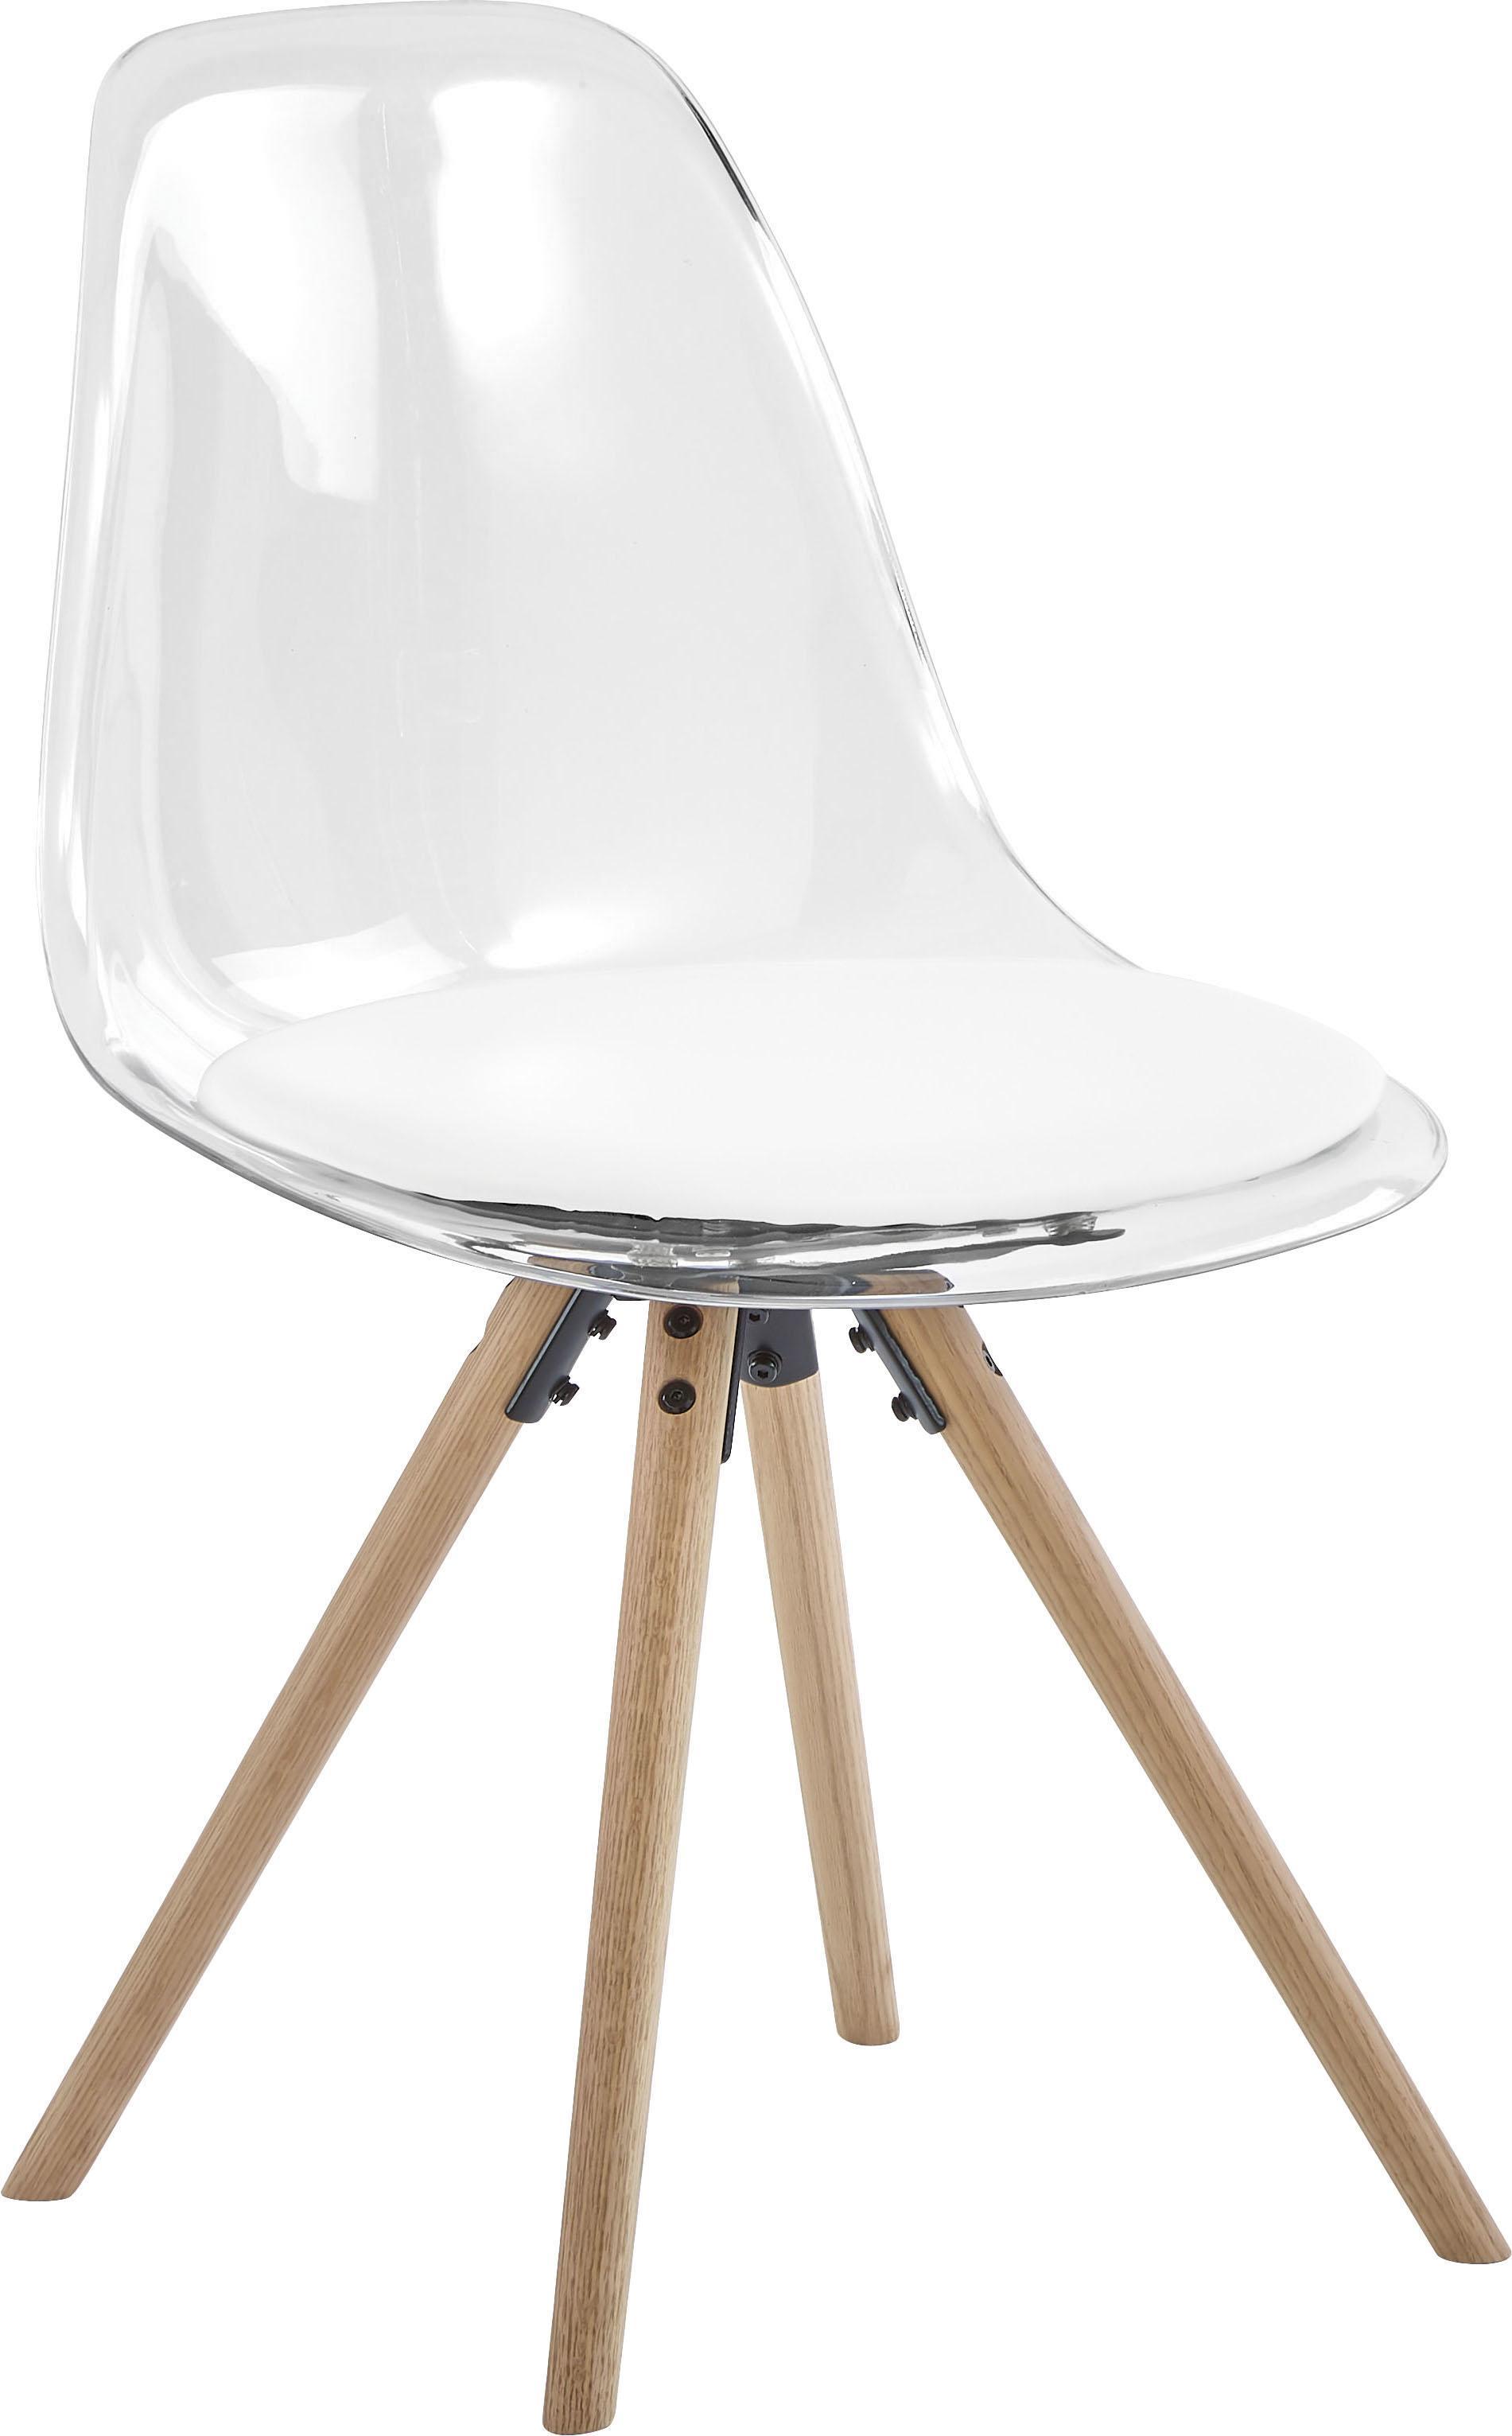 Sedia in materiale sintetico Henning, 2 pz., Seduta: materiale sintetico, Gambe: legno di quercia oliato, Bianco trasparente, legno di quercia, Larg. 47 x Prof. 53 cm